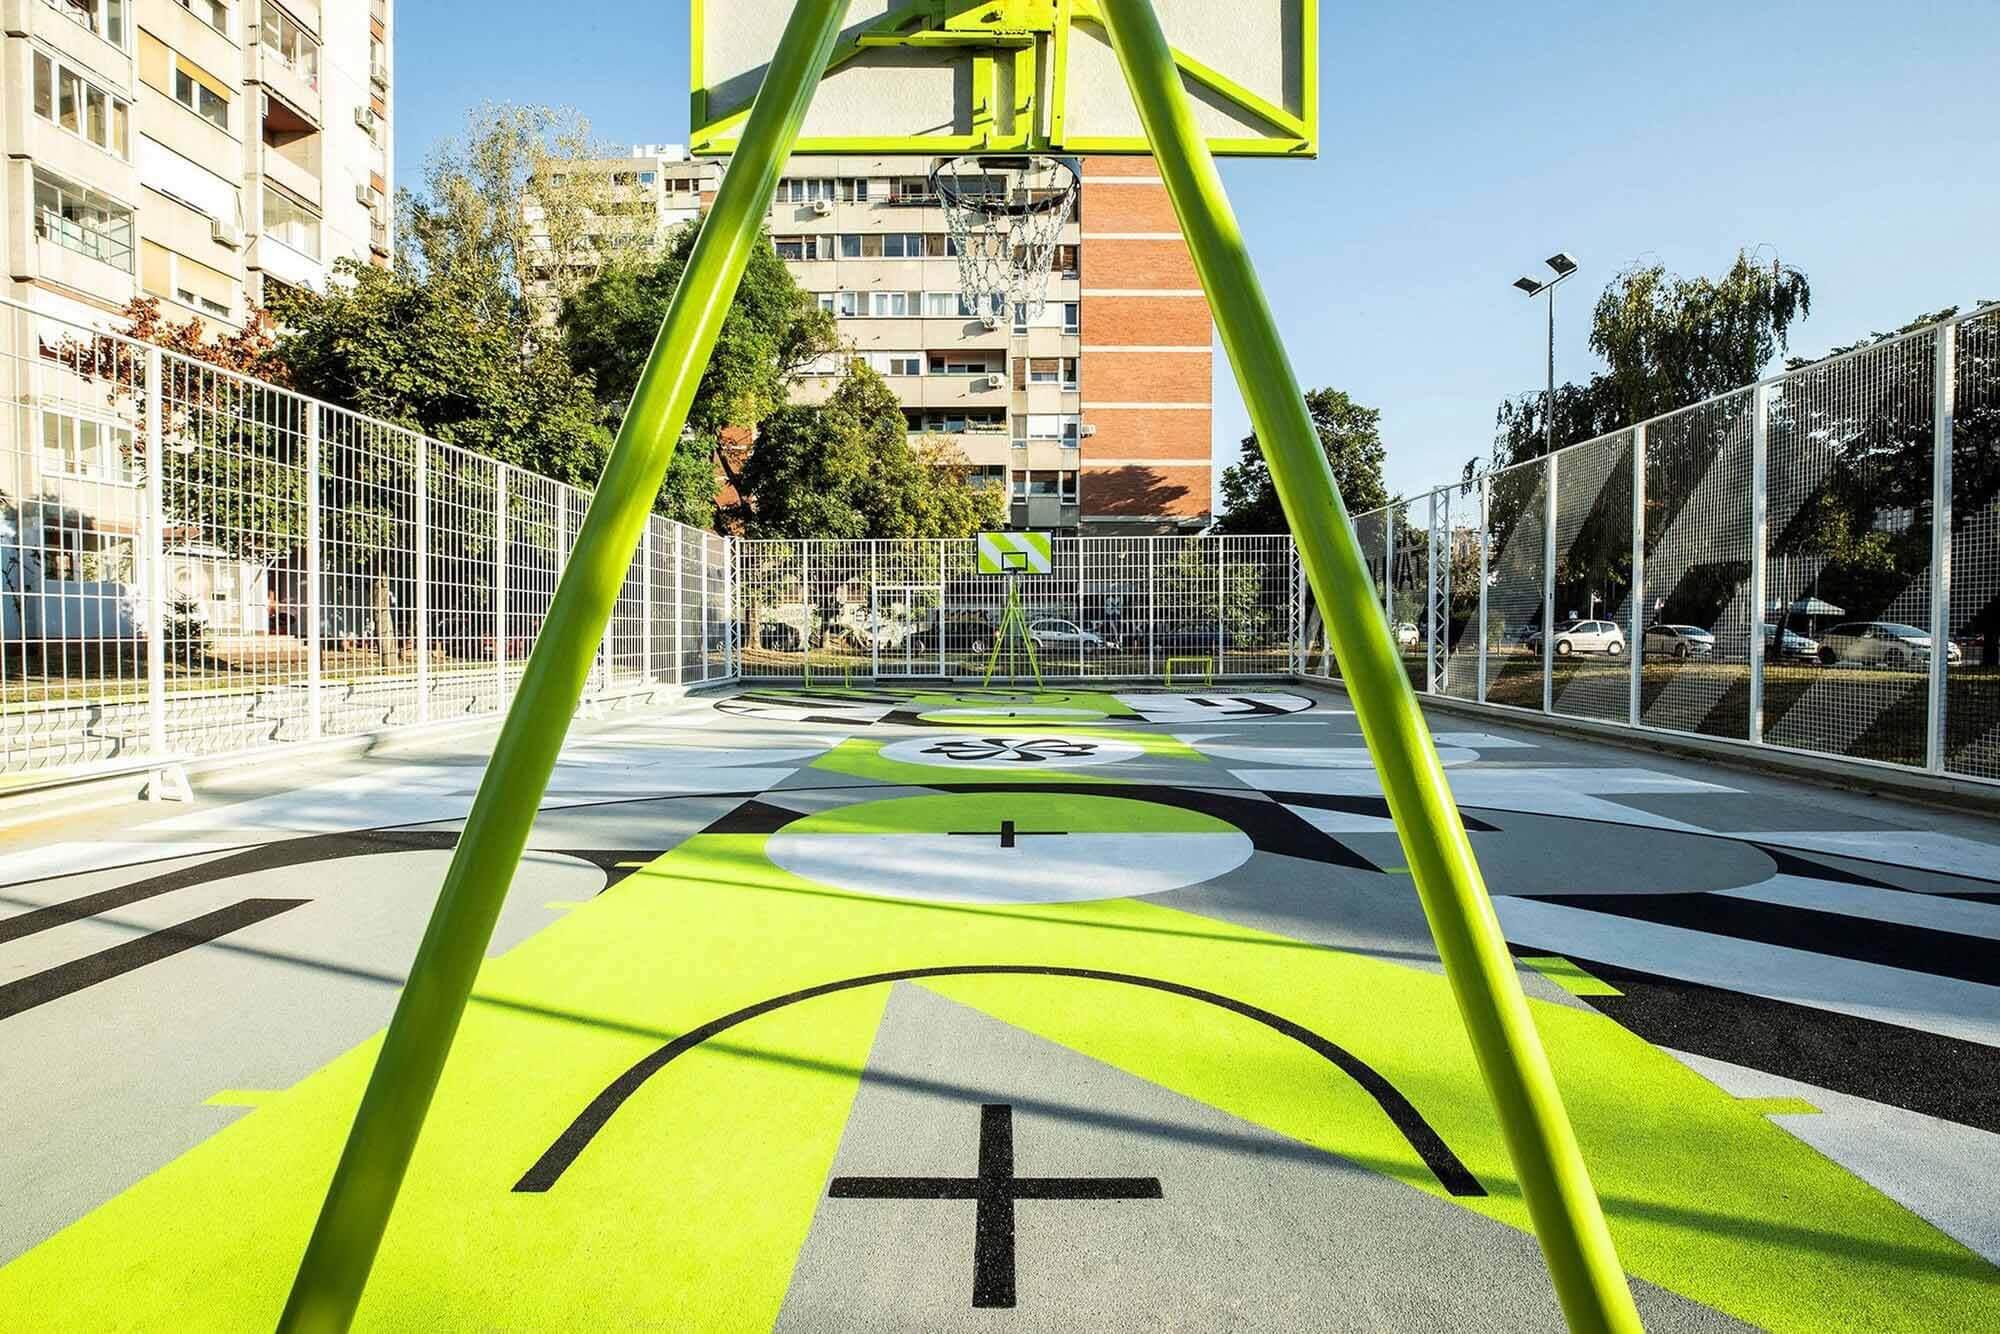 Новая баскетбольная площадка Nike в Белграде создана для езды на велосипеде